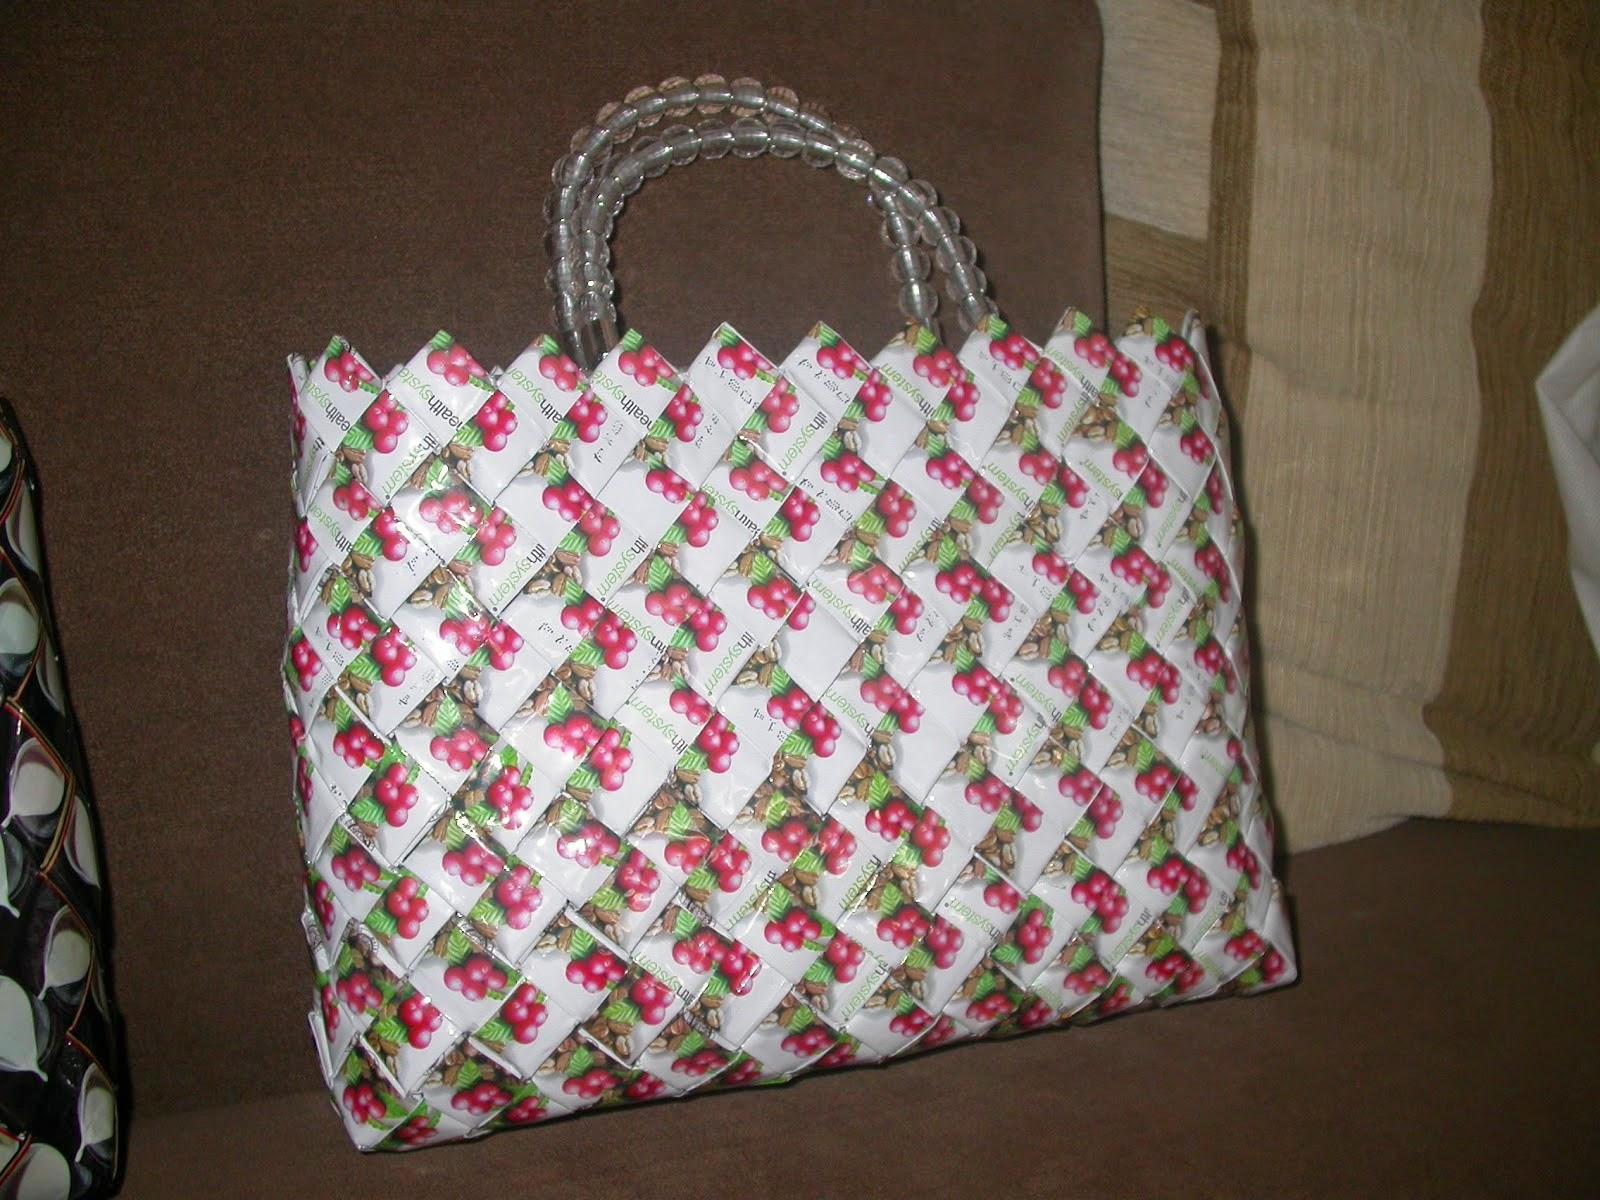 Kreatif Membuat Tas Plastik Cantik Dari Bungkus Kopi